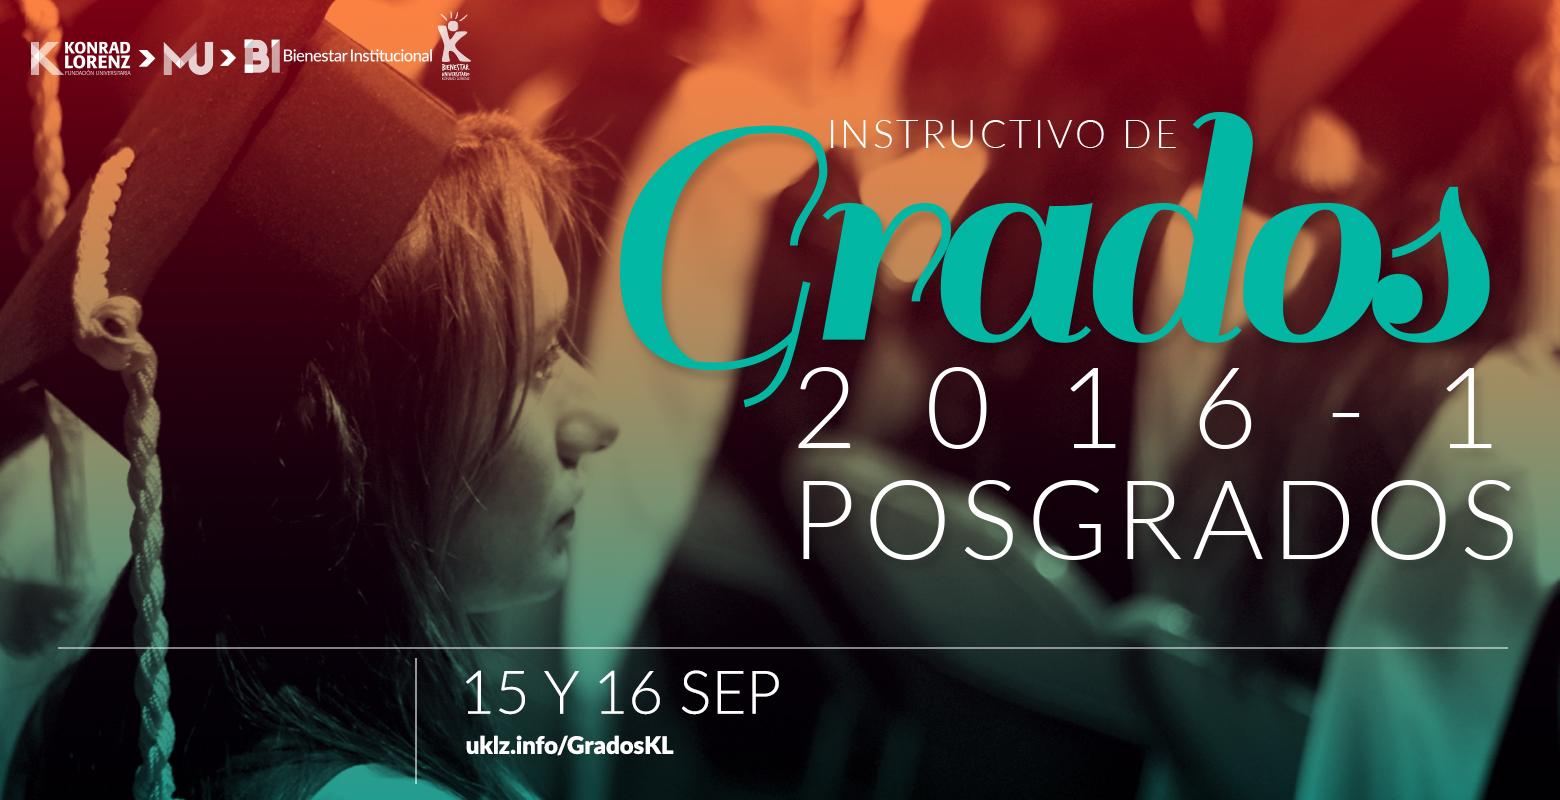 Instructivo de Grados para las Ceremonias de septiembre de 2016 (Programas de Posgrado)